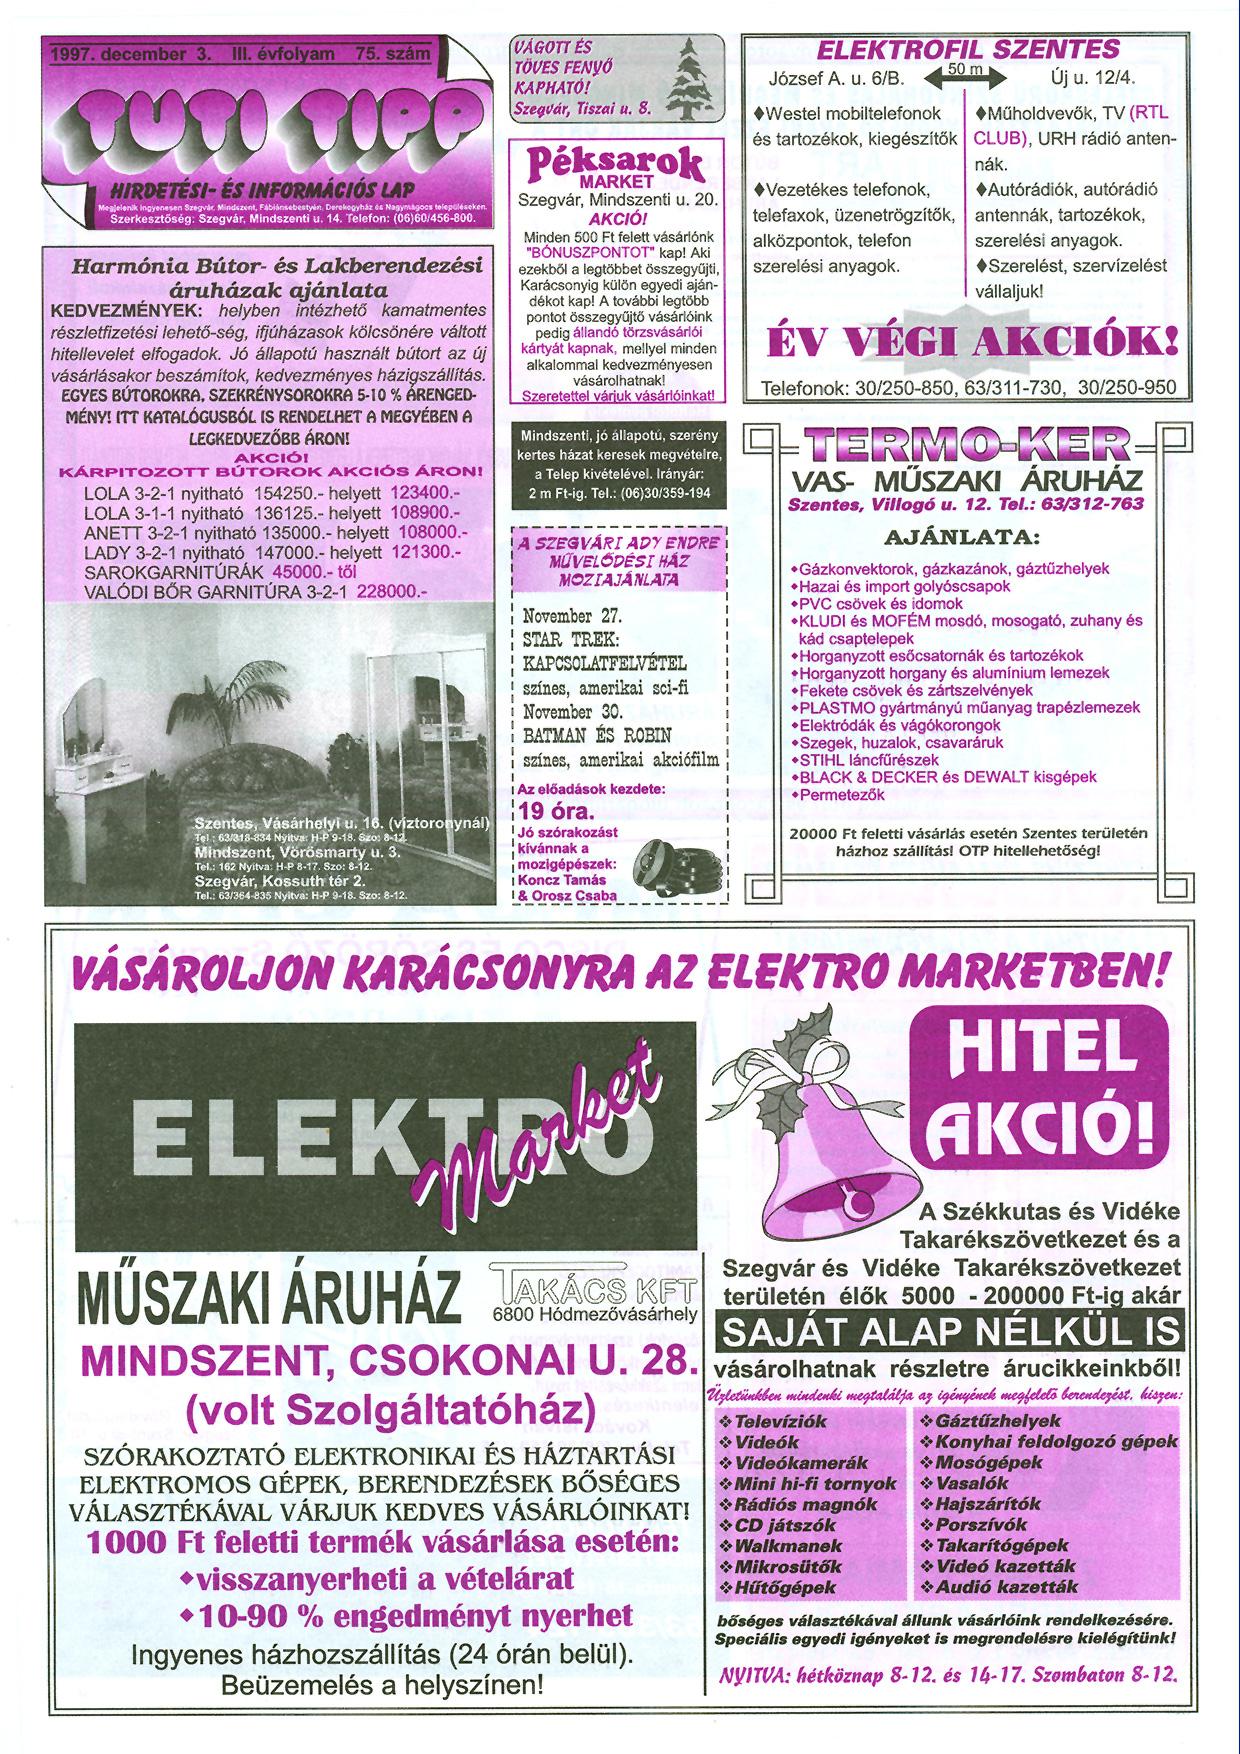 047 Tuti Tipp reklámújság - 19971203-075. lapszám - 1.oldal - III. évfolyam.jpg